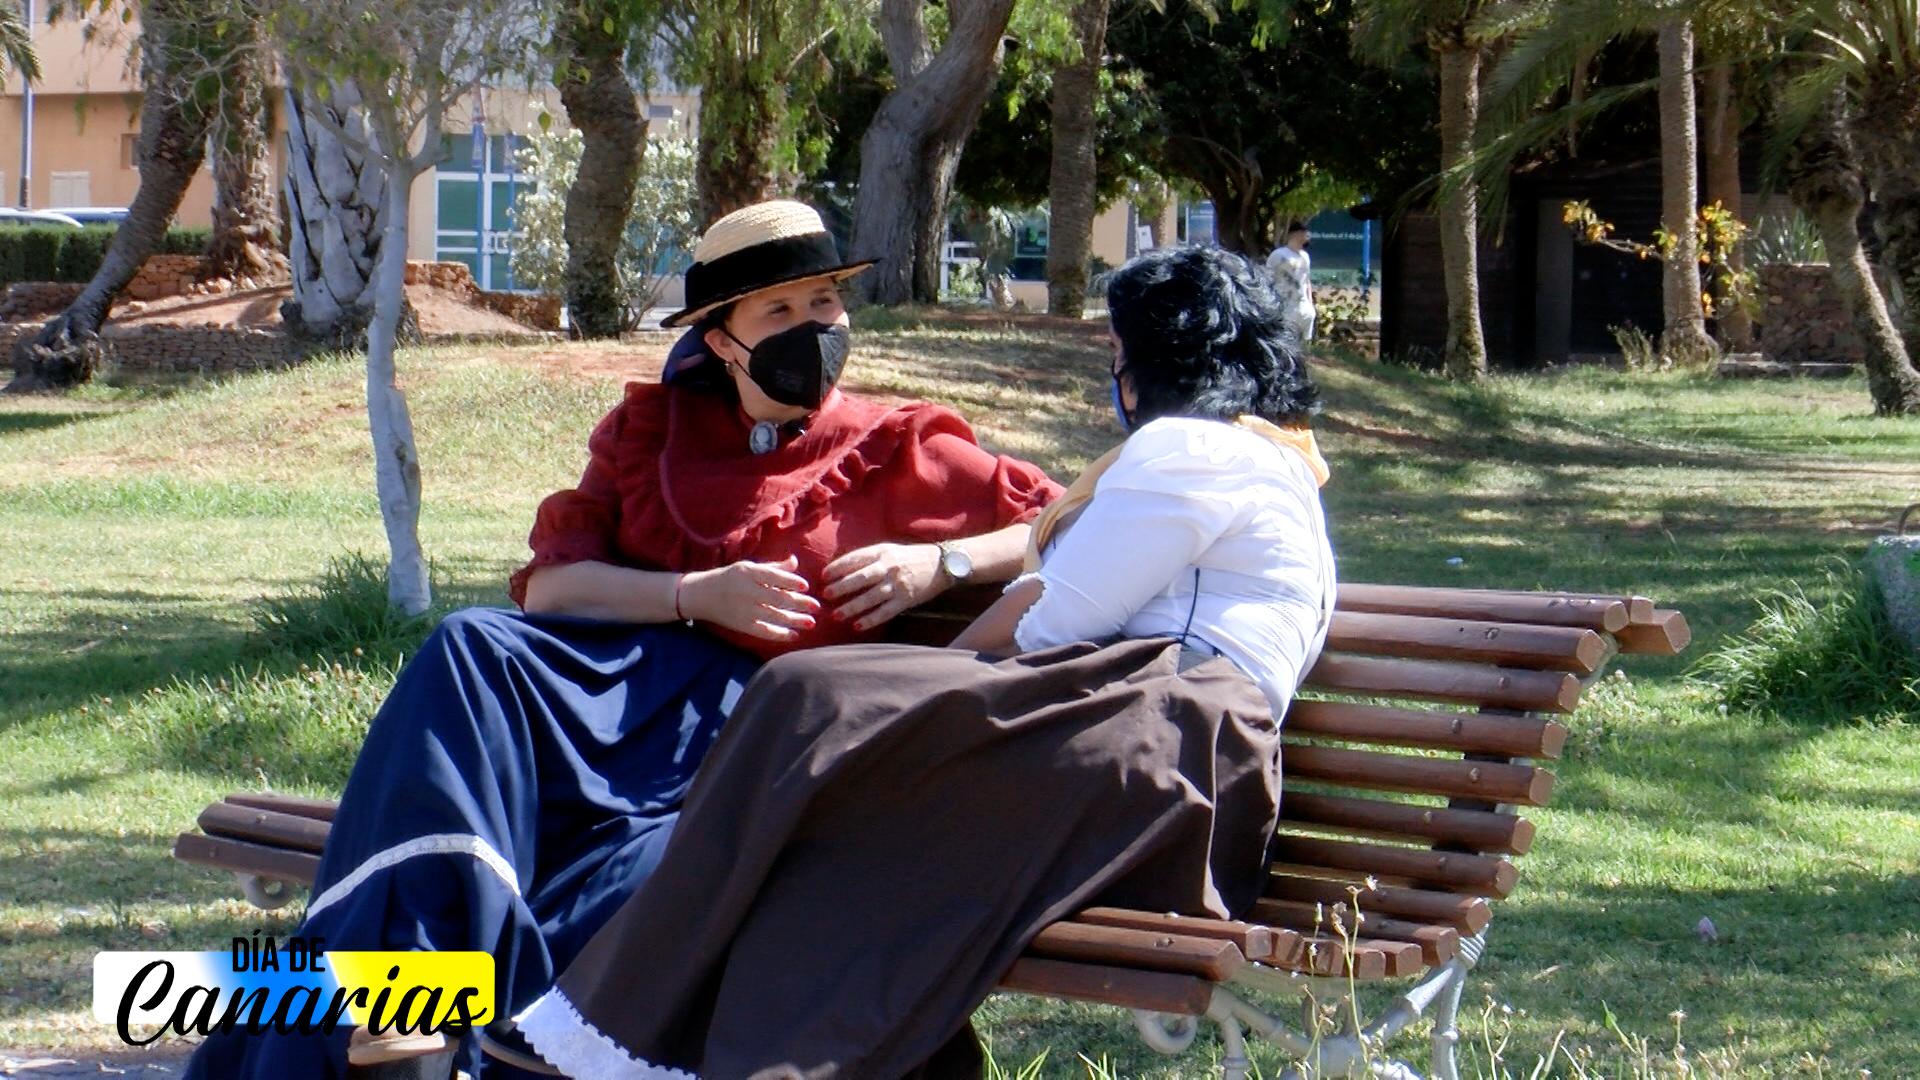 Esther-Hernandez- Onda Fuerteventura y Mírame TV celebran el Día de Canarias con una programación especial